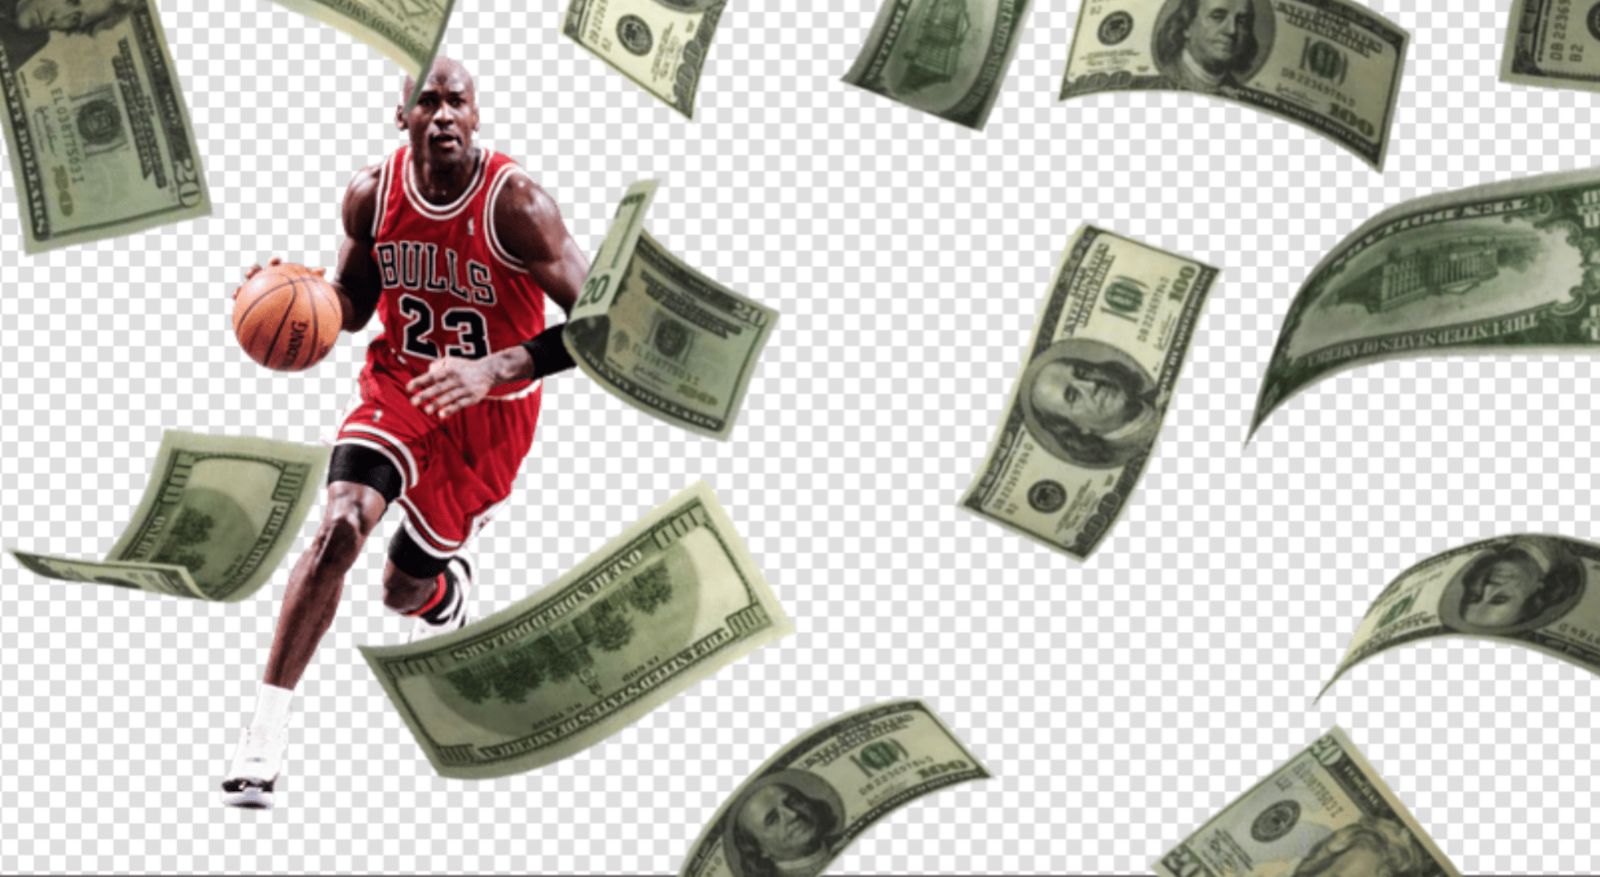 כמה כסף שווה הכדורסלן האגדי מייקל ג'ורדן